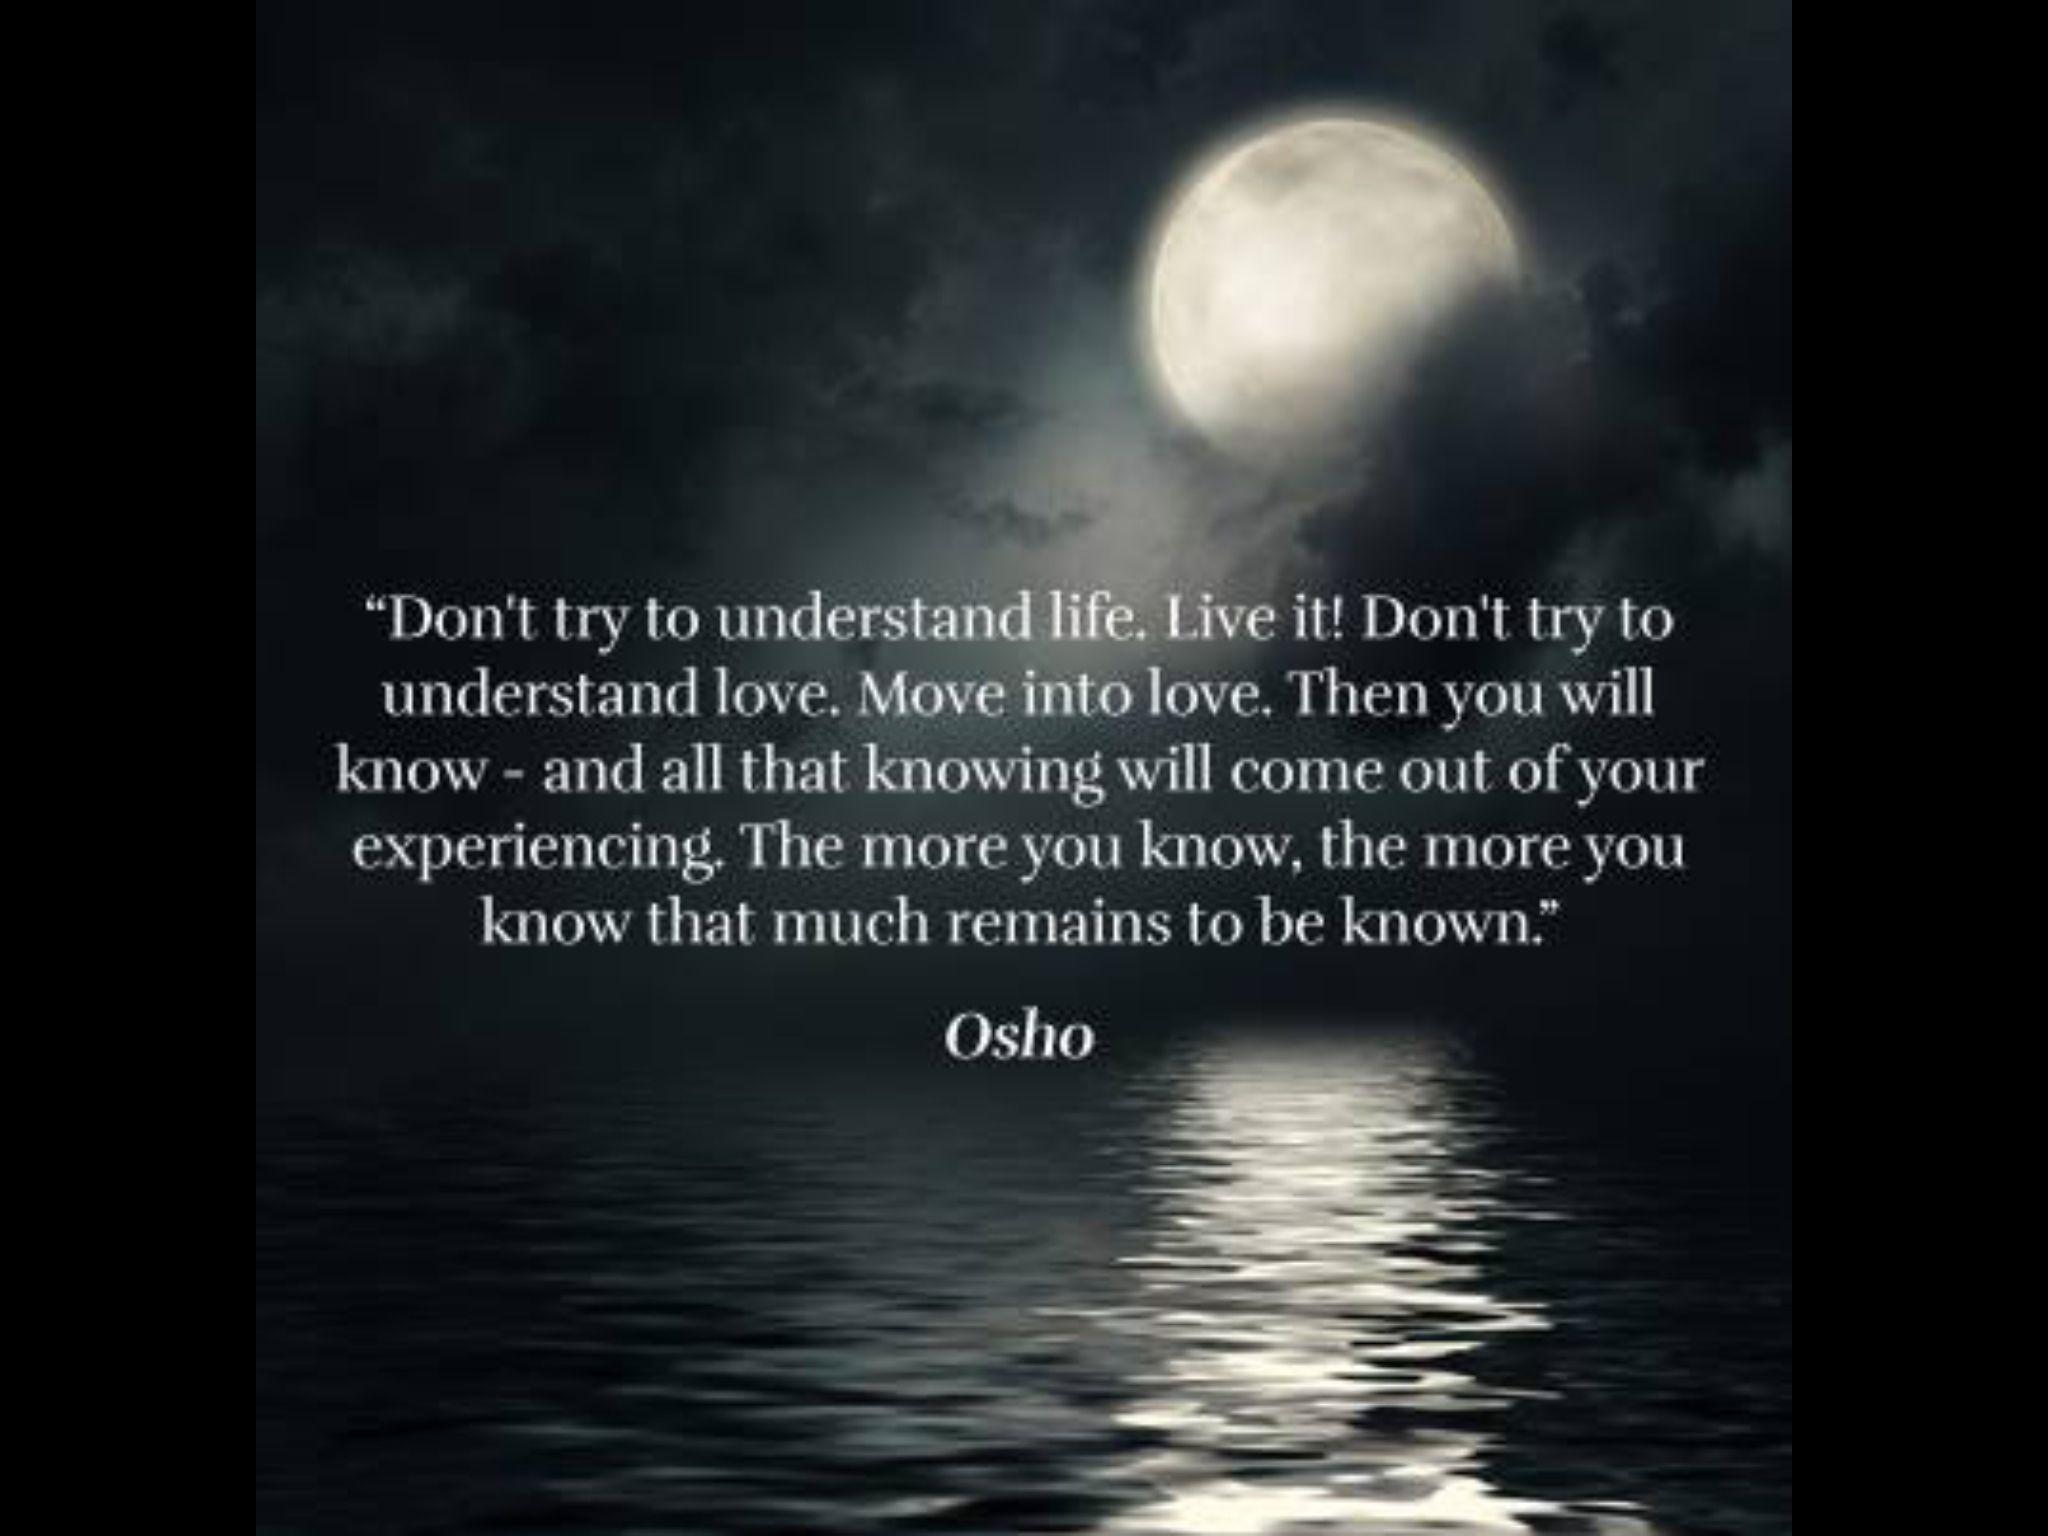 Osho. Wisdom. Live life. | Osho | Osho, Osho quotes on ...